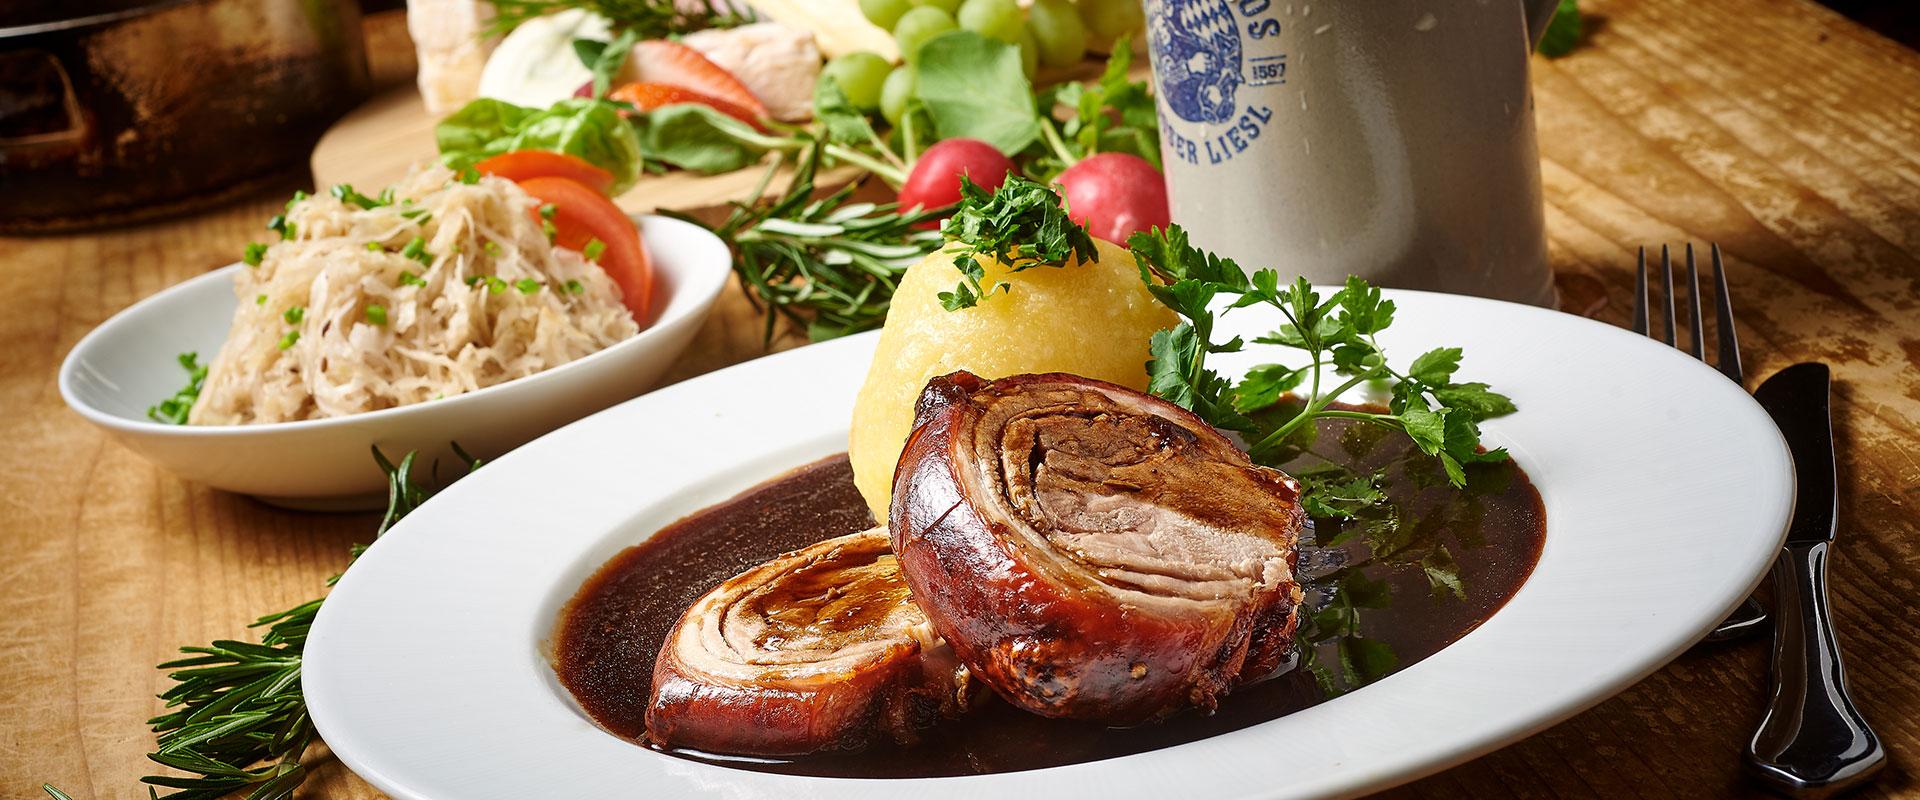 Deftige Hausmannskost in Ihrem Restaurant Gäubodenhof